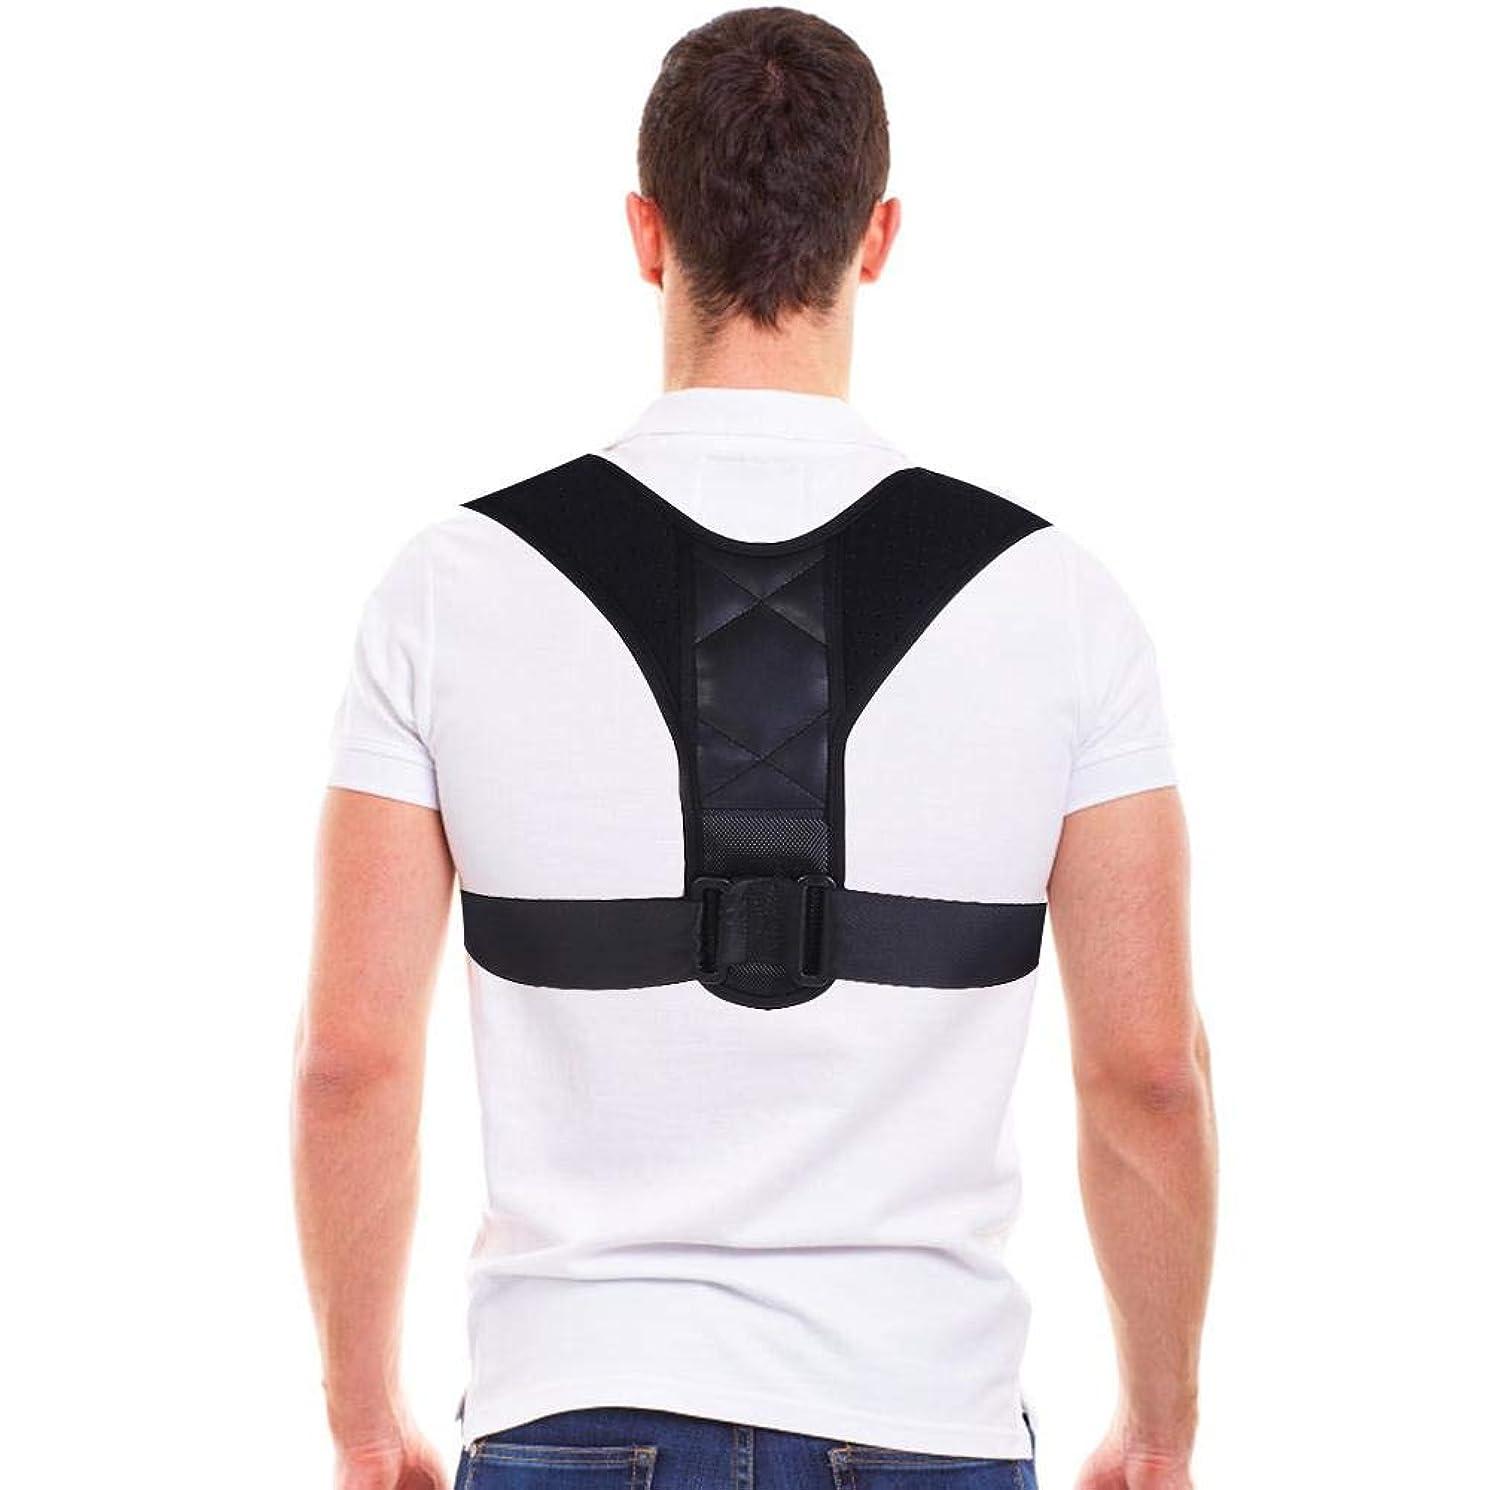 デマンド感情素晴らしいコレクター姿勢バックサポートベルト、8字型デザインの調節可能な鎖骨装具バンド、男性と女性の姿勢、腰痛予防、腰痛予防